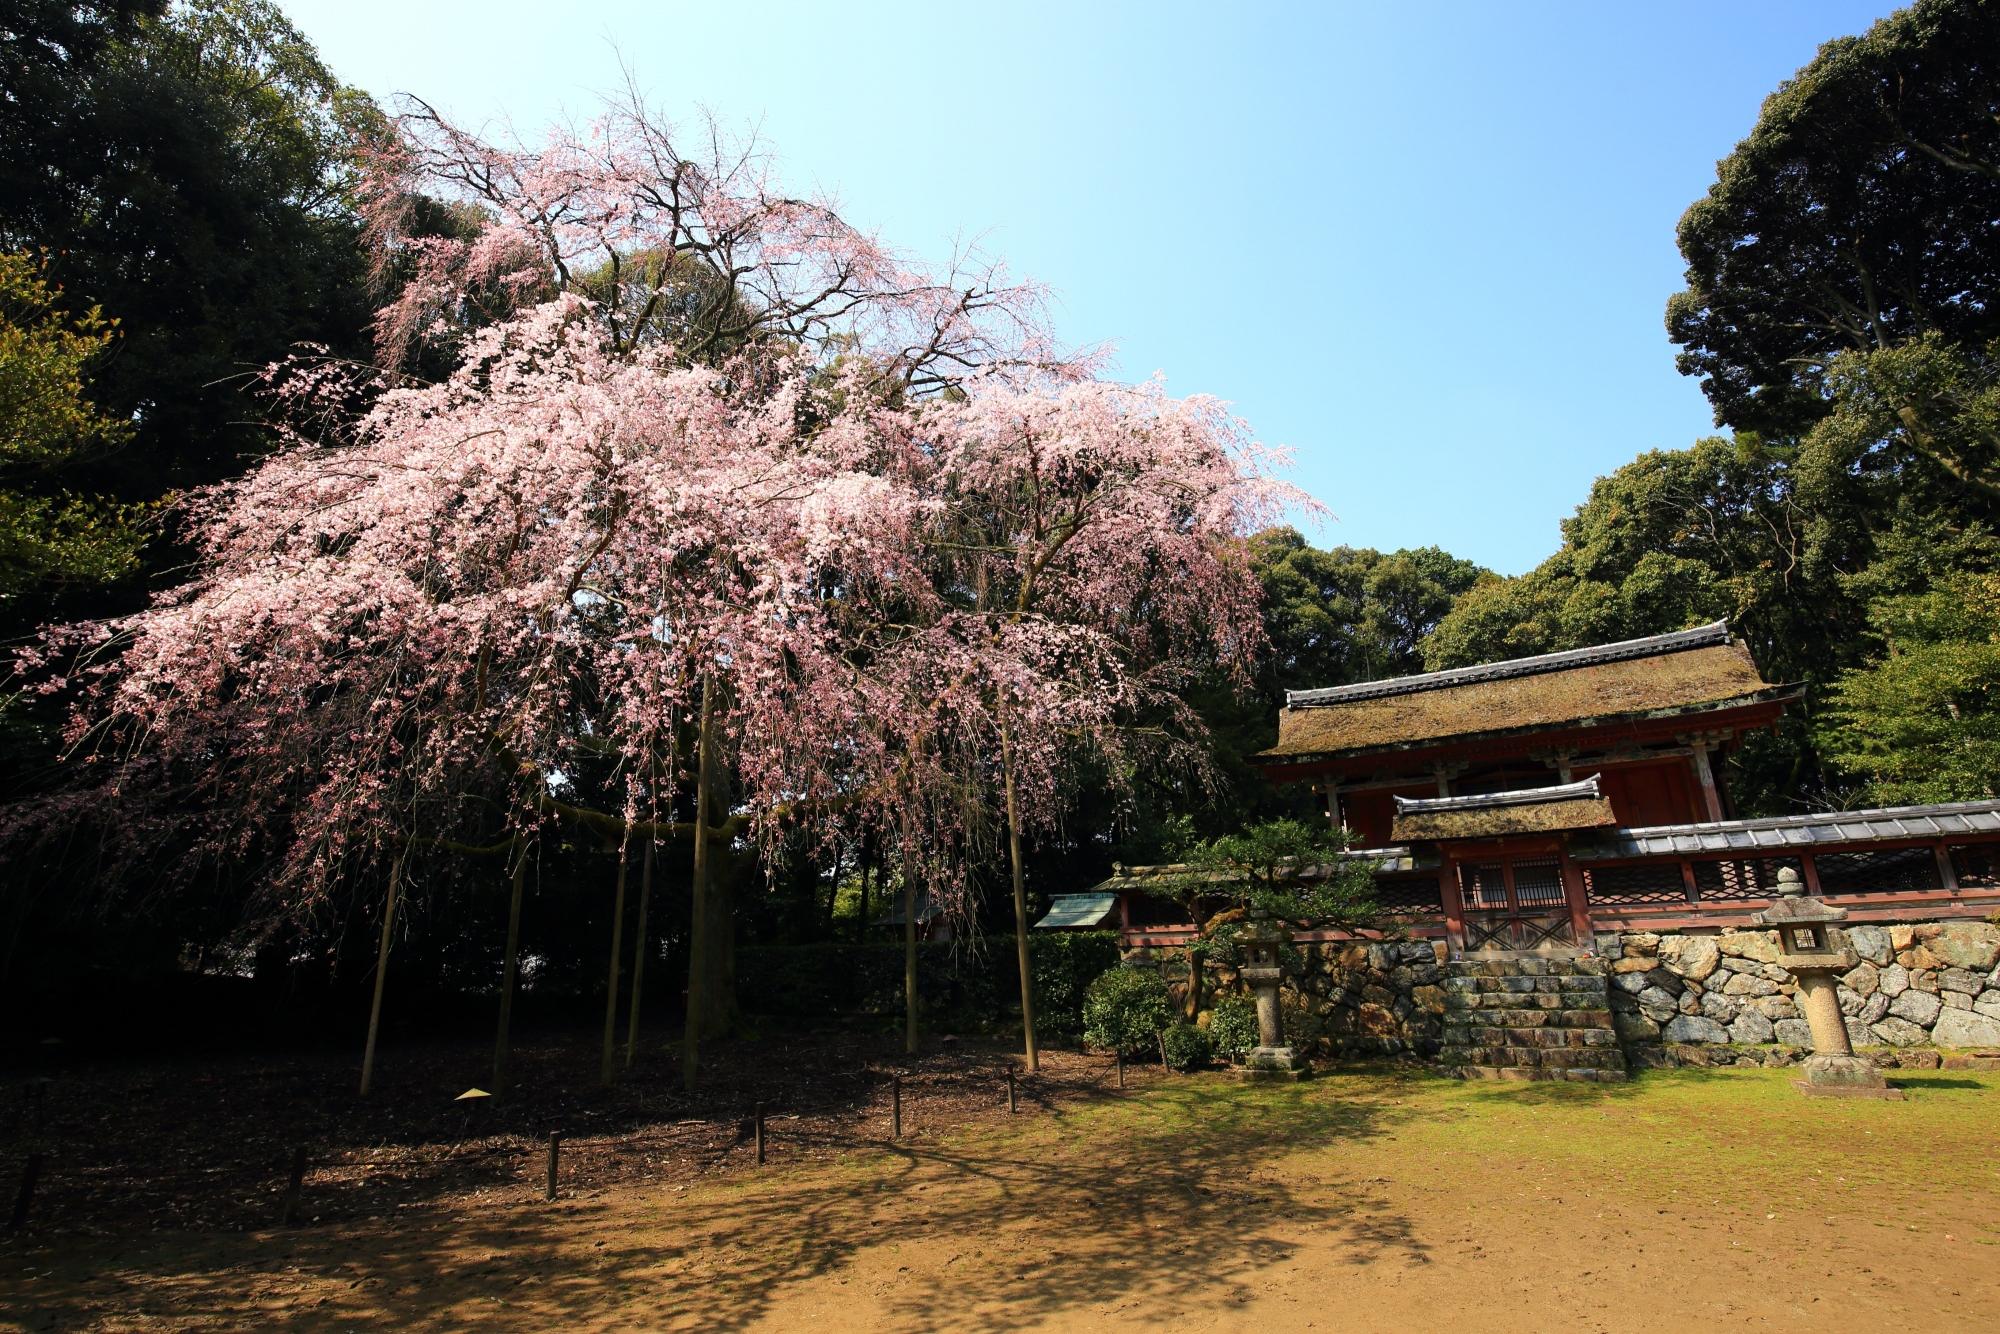 醍醐寺の清瀧宮の本殿と溢れる桜